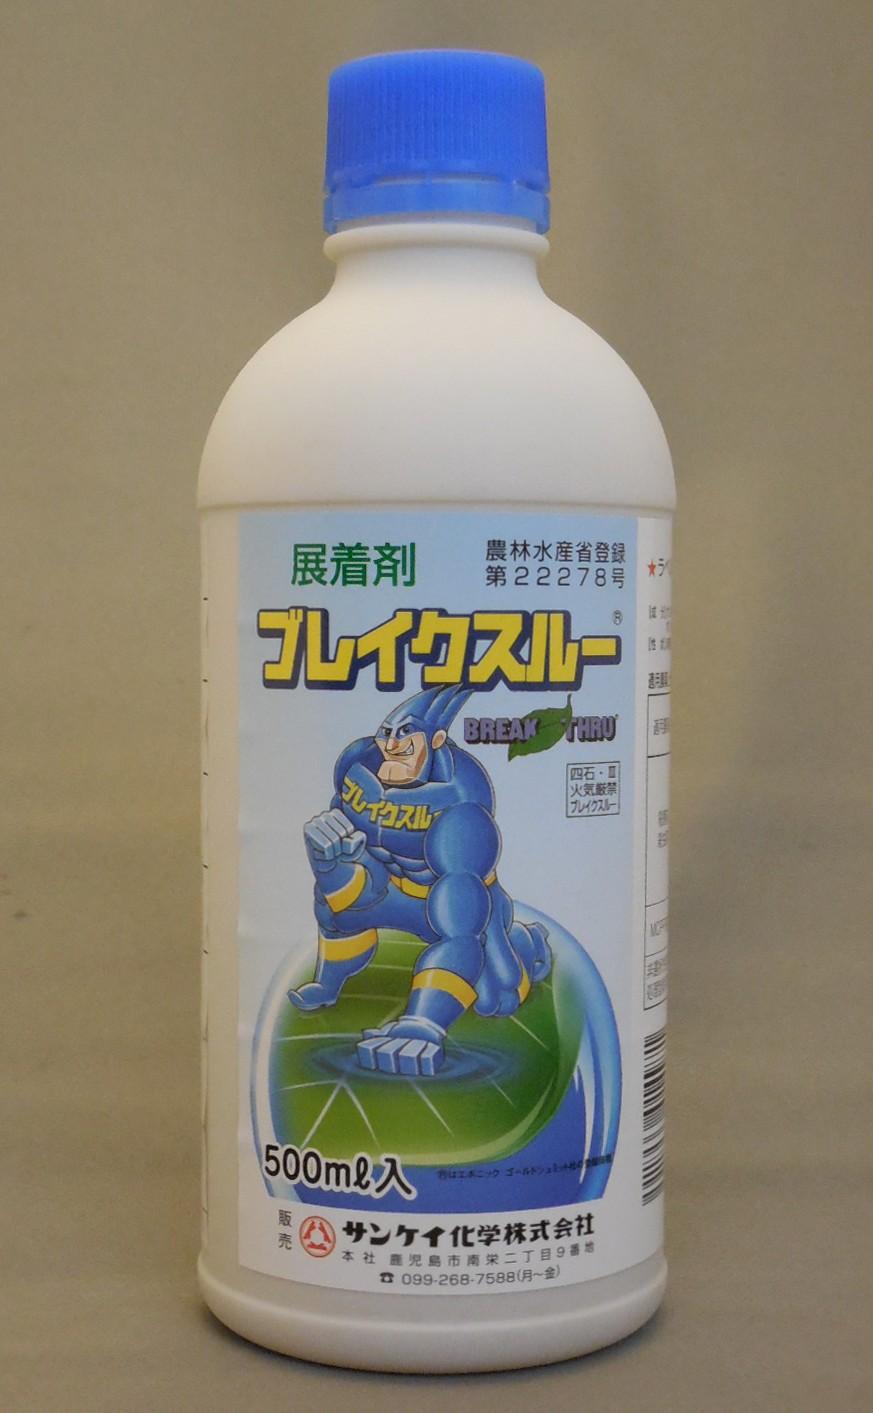 散布液を瞬時に広げるスーパースプレッディング効果。シリコーン系展着剤「ブレイクスルー」500ml